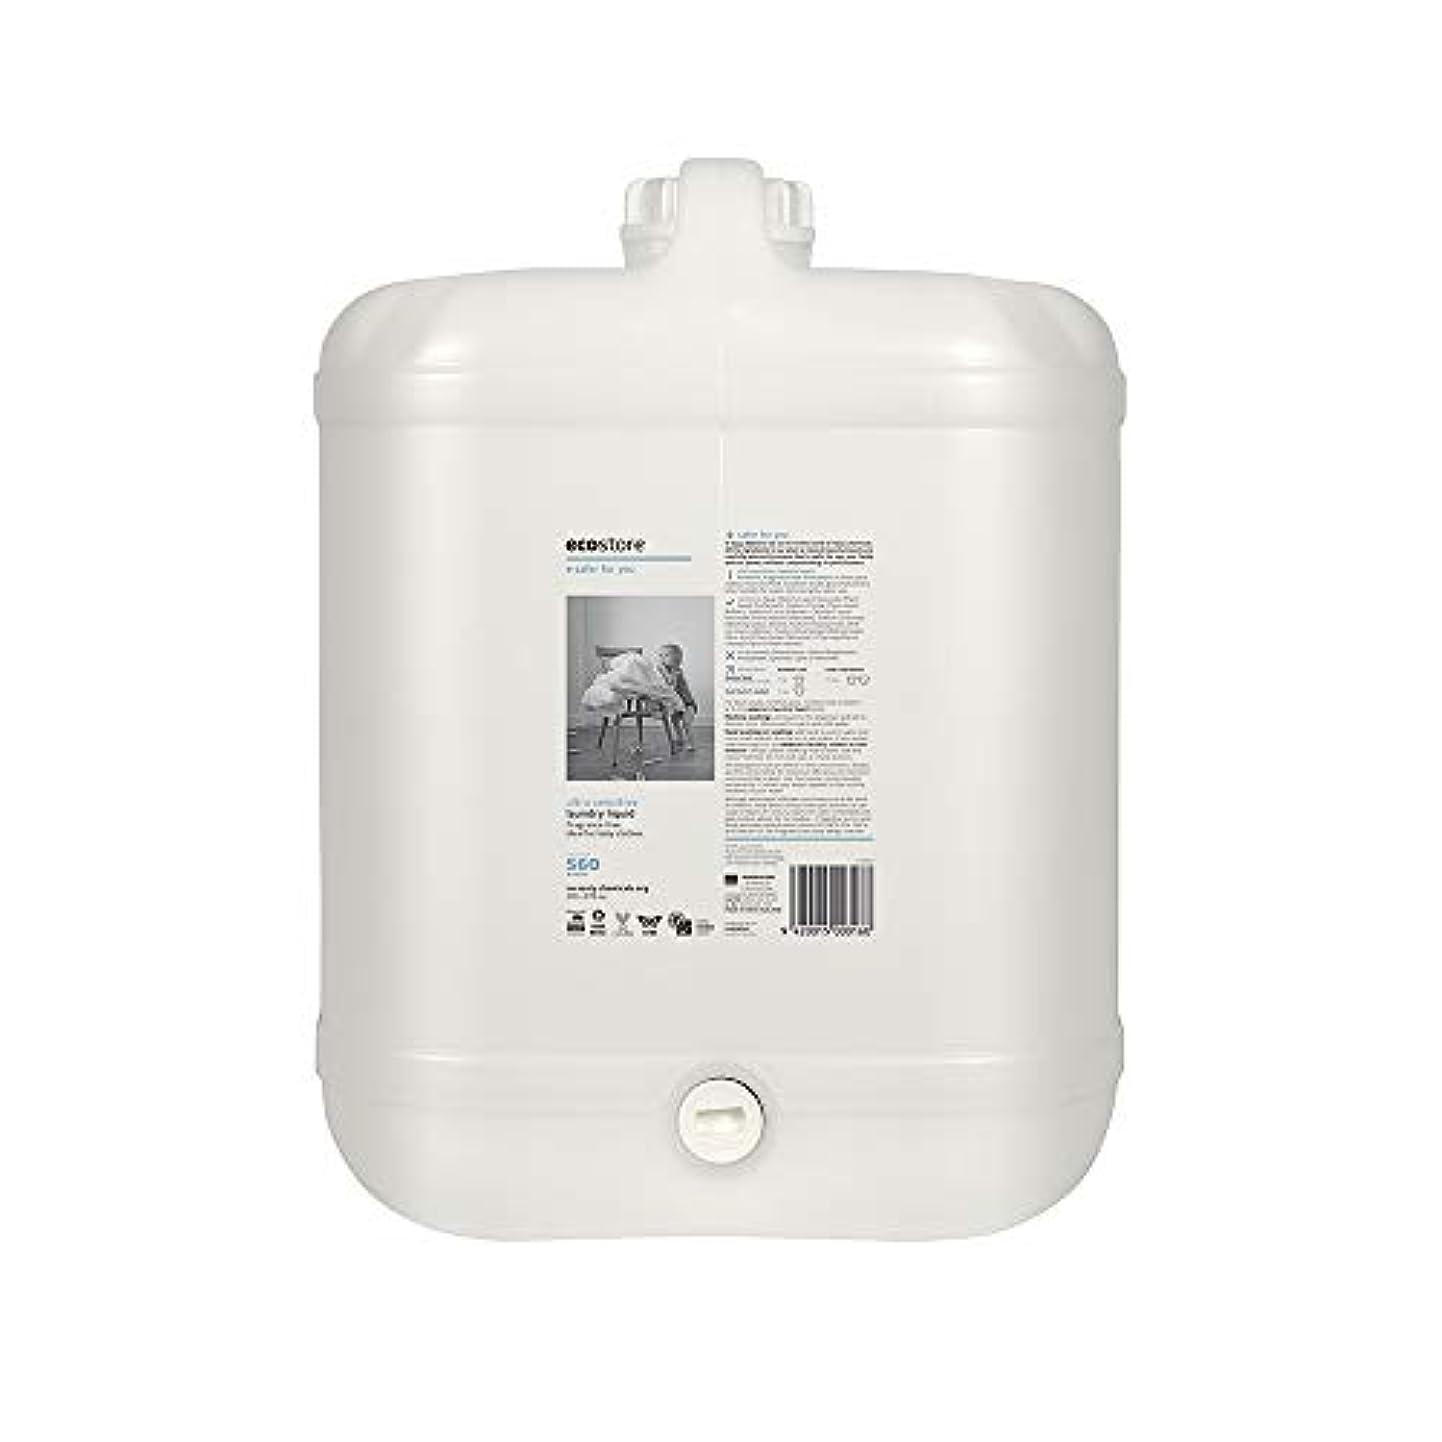 カイウス安定しましたなんとなくecostore(エコストア) ランドリーリキッド <無香料> バルク 20L